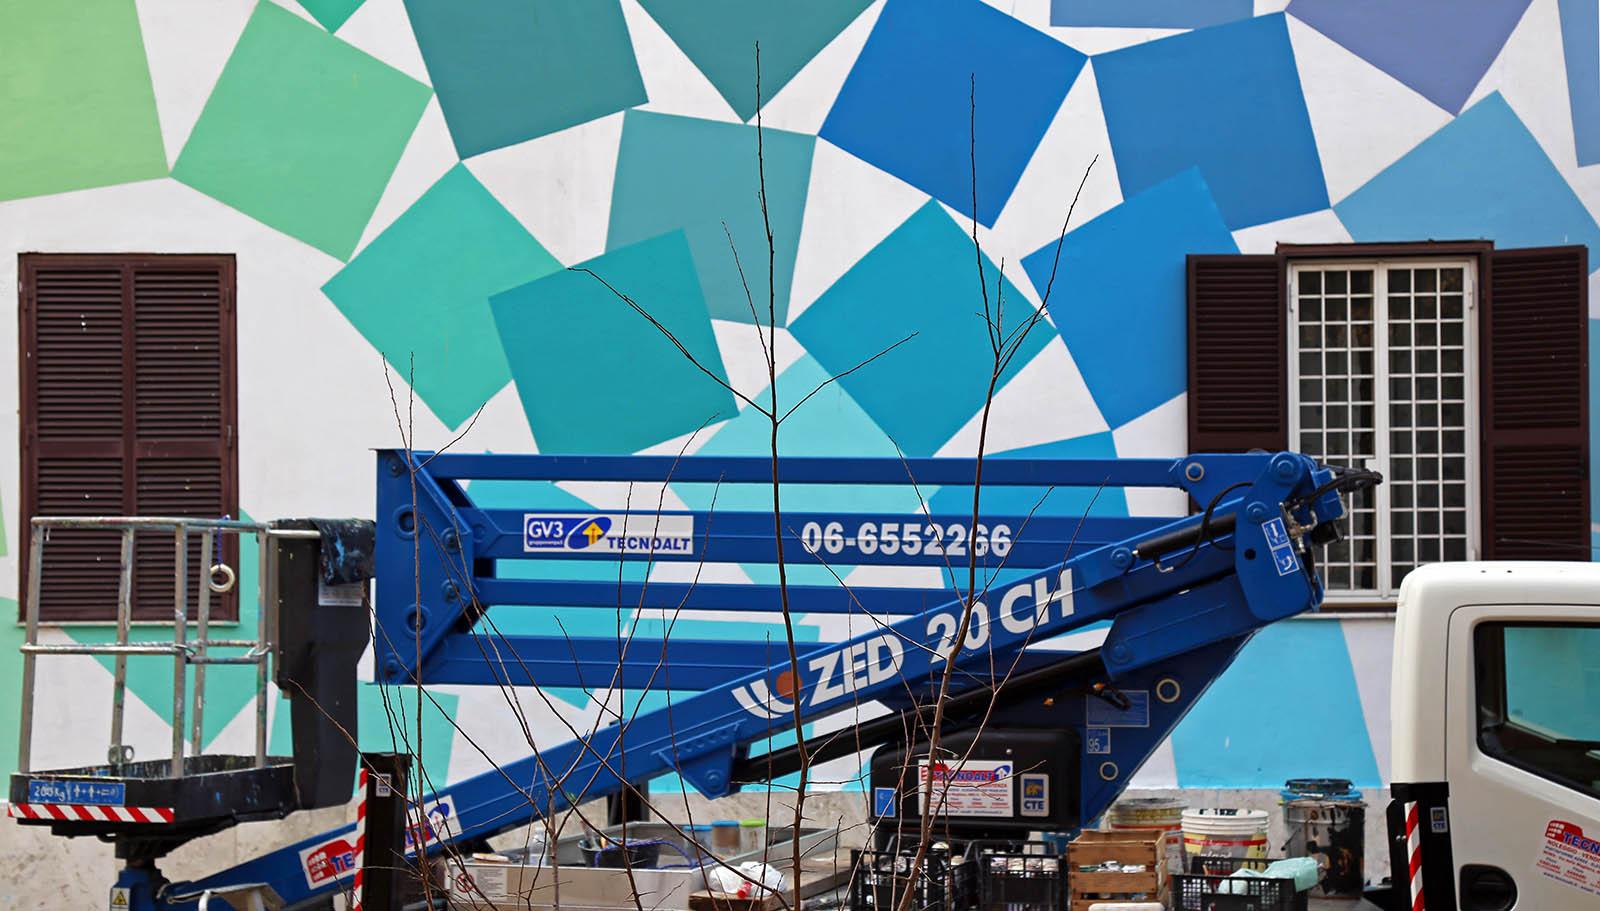 alberonero-new-mural-in-rome-02